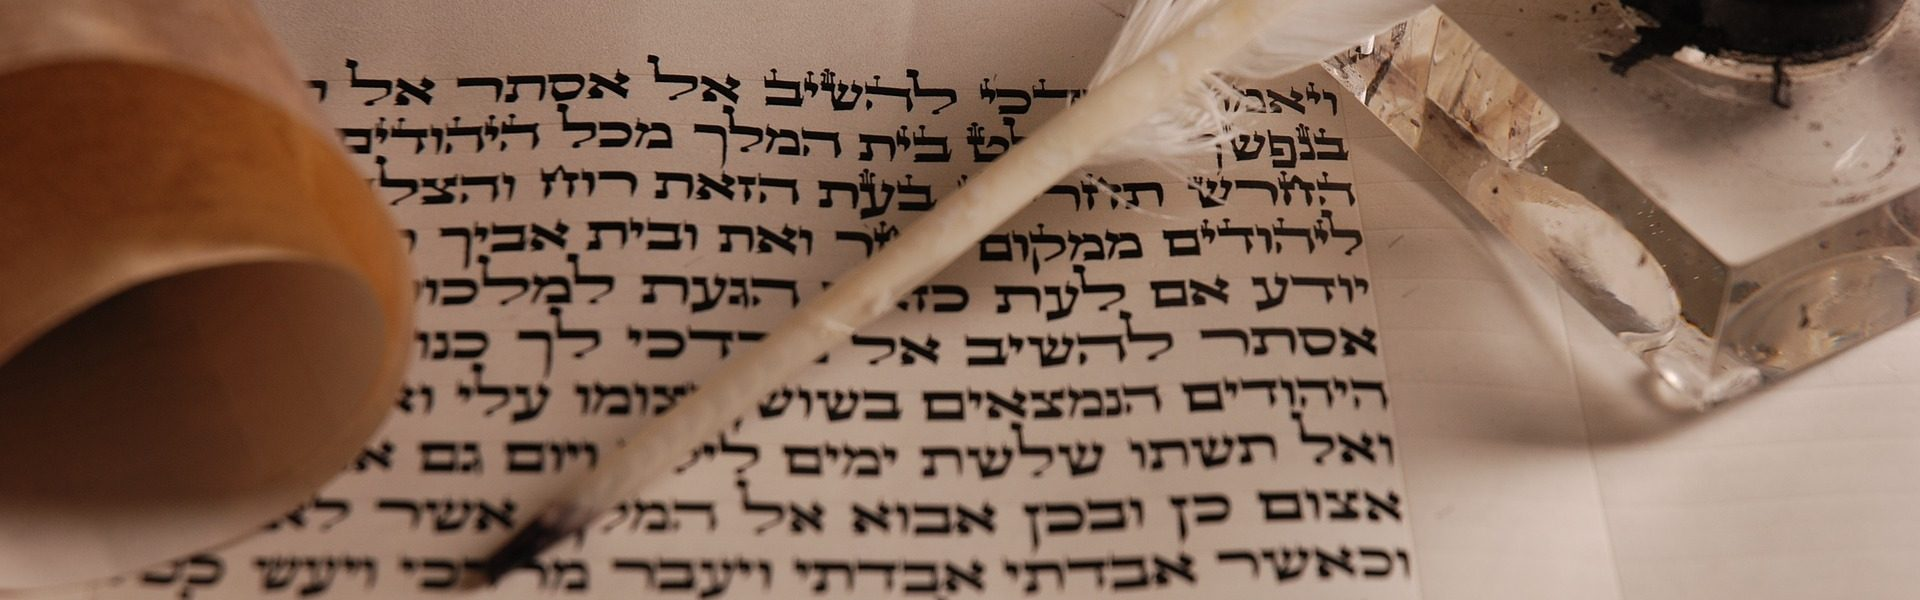 calendario hebrero